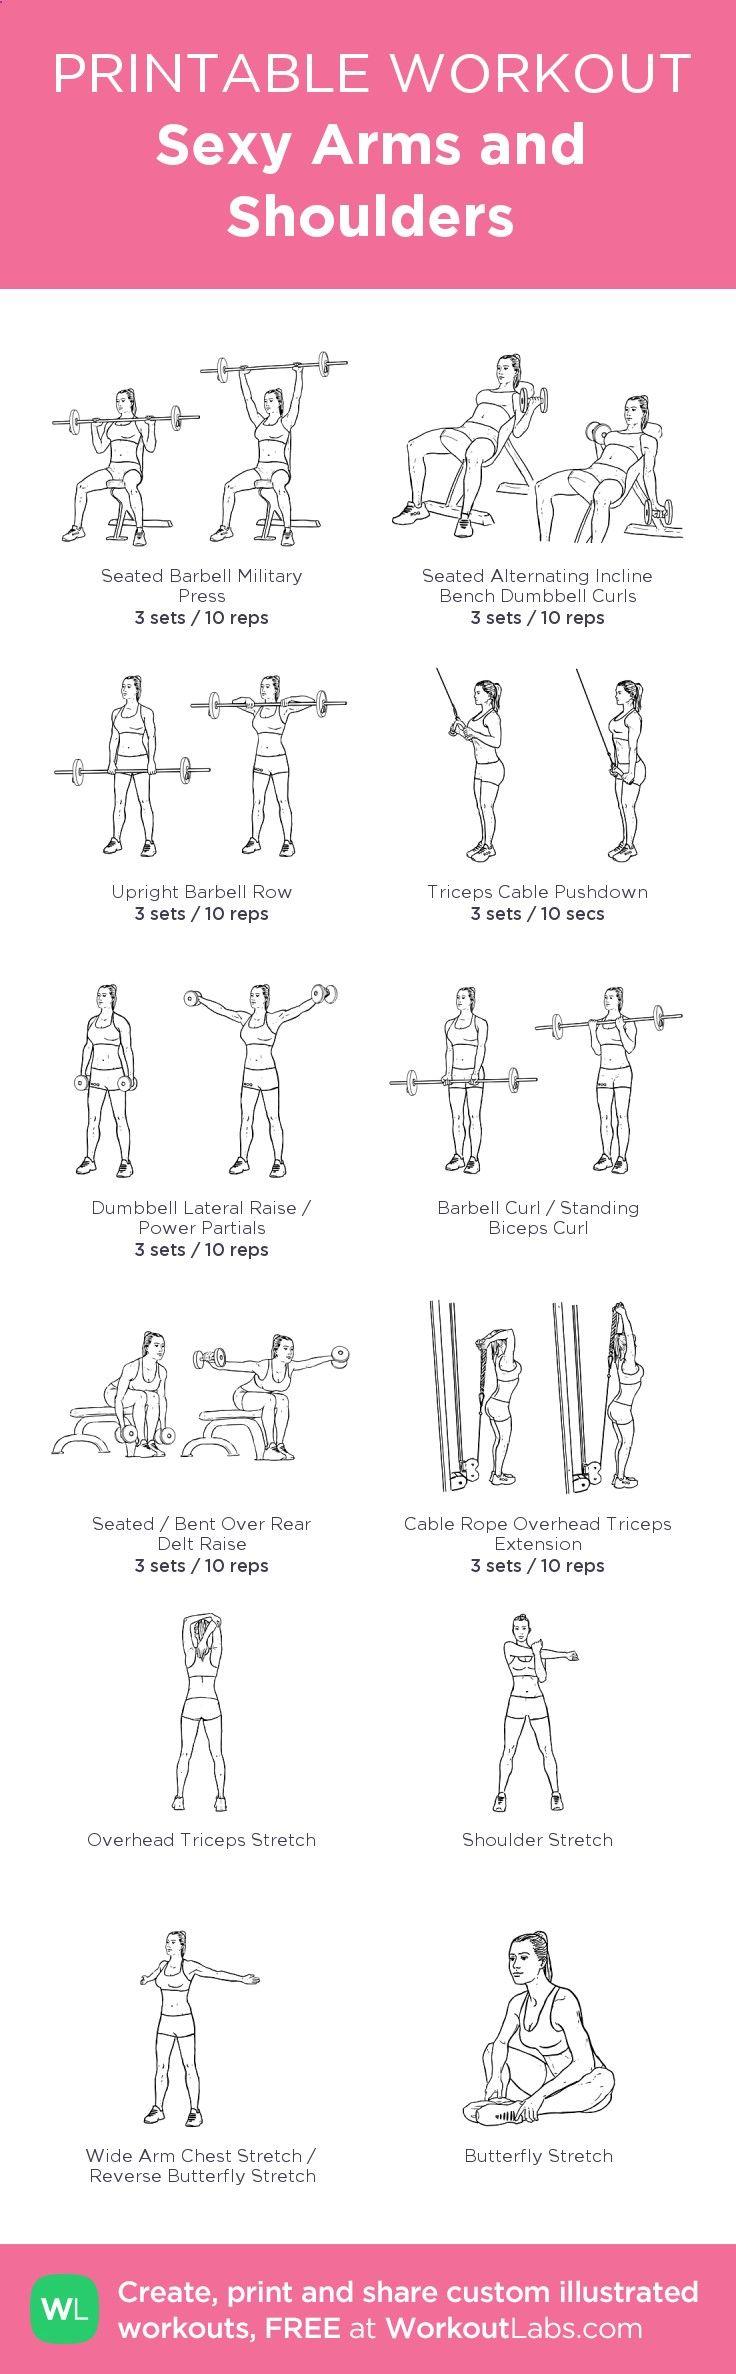 6 min to sexy arms printable